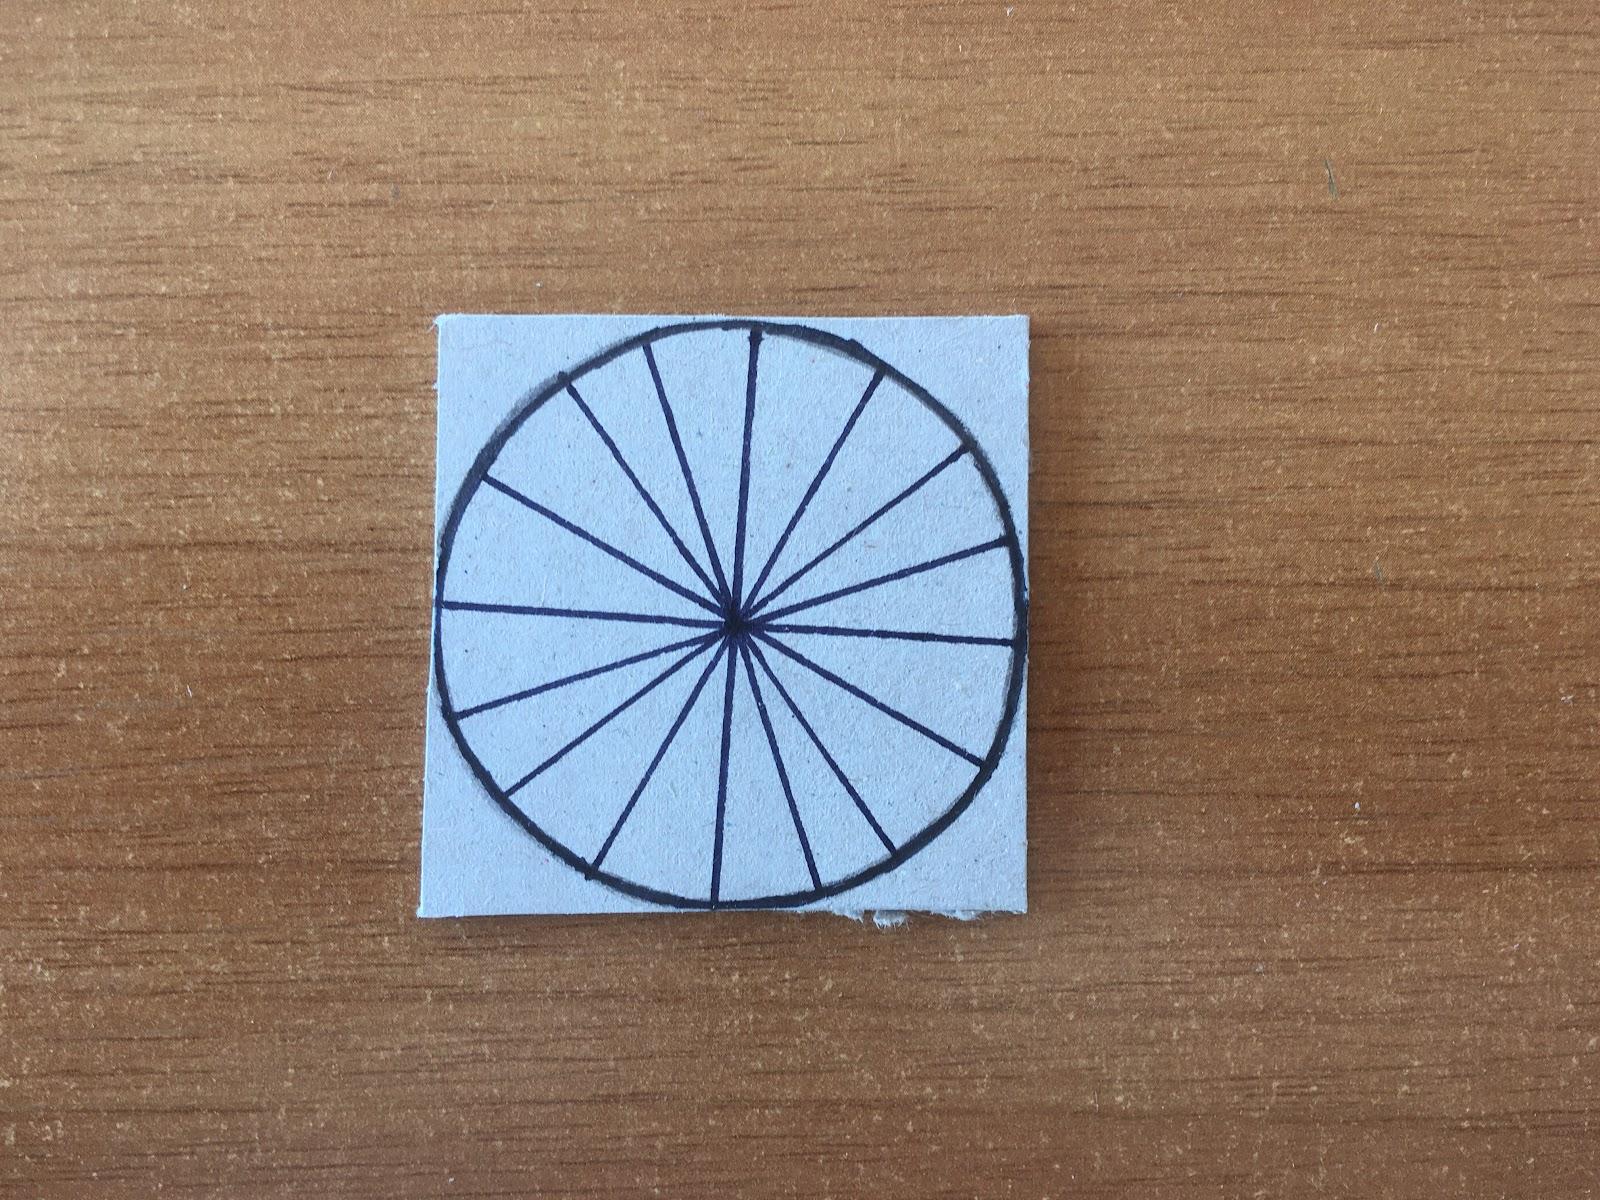 Trazado de los arcos que forman la circunferencia.